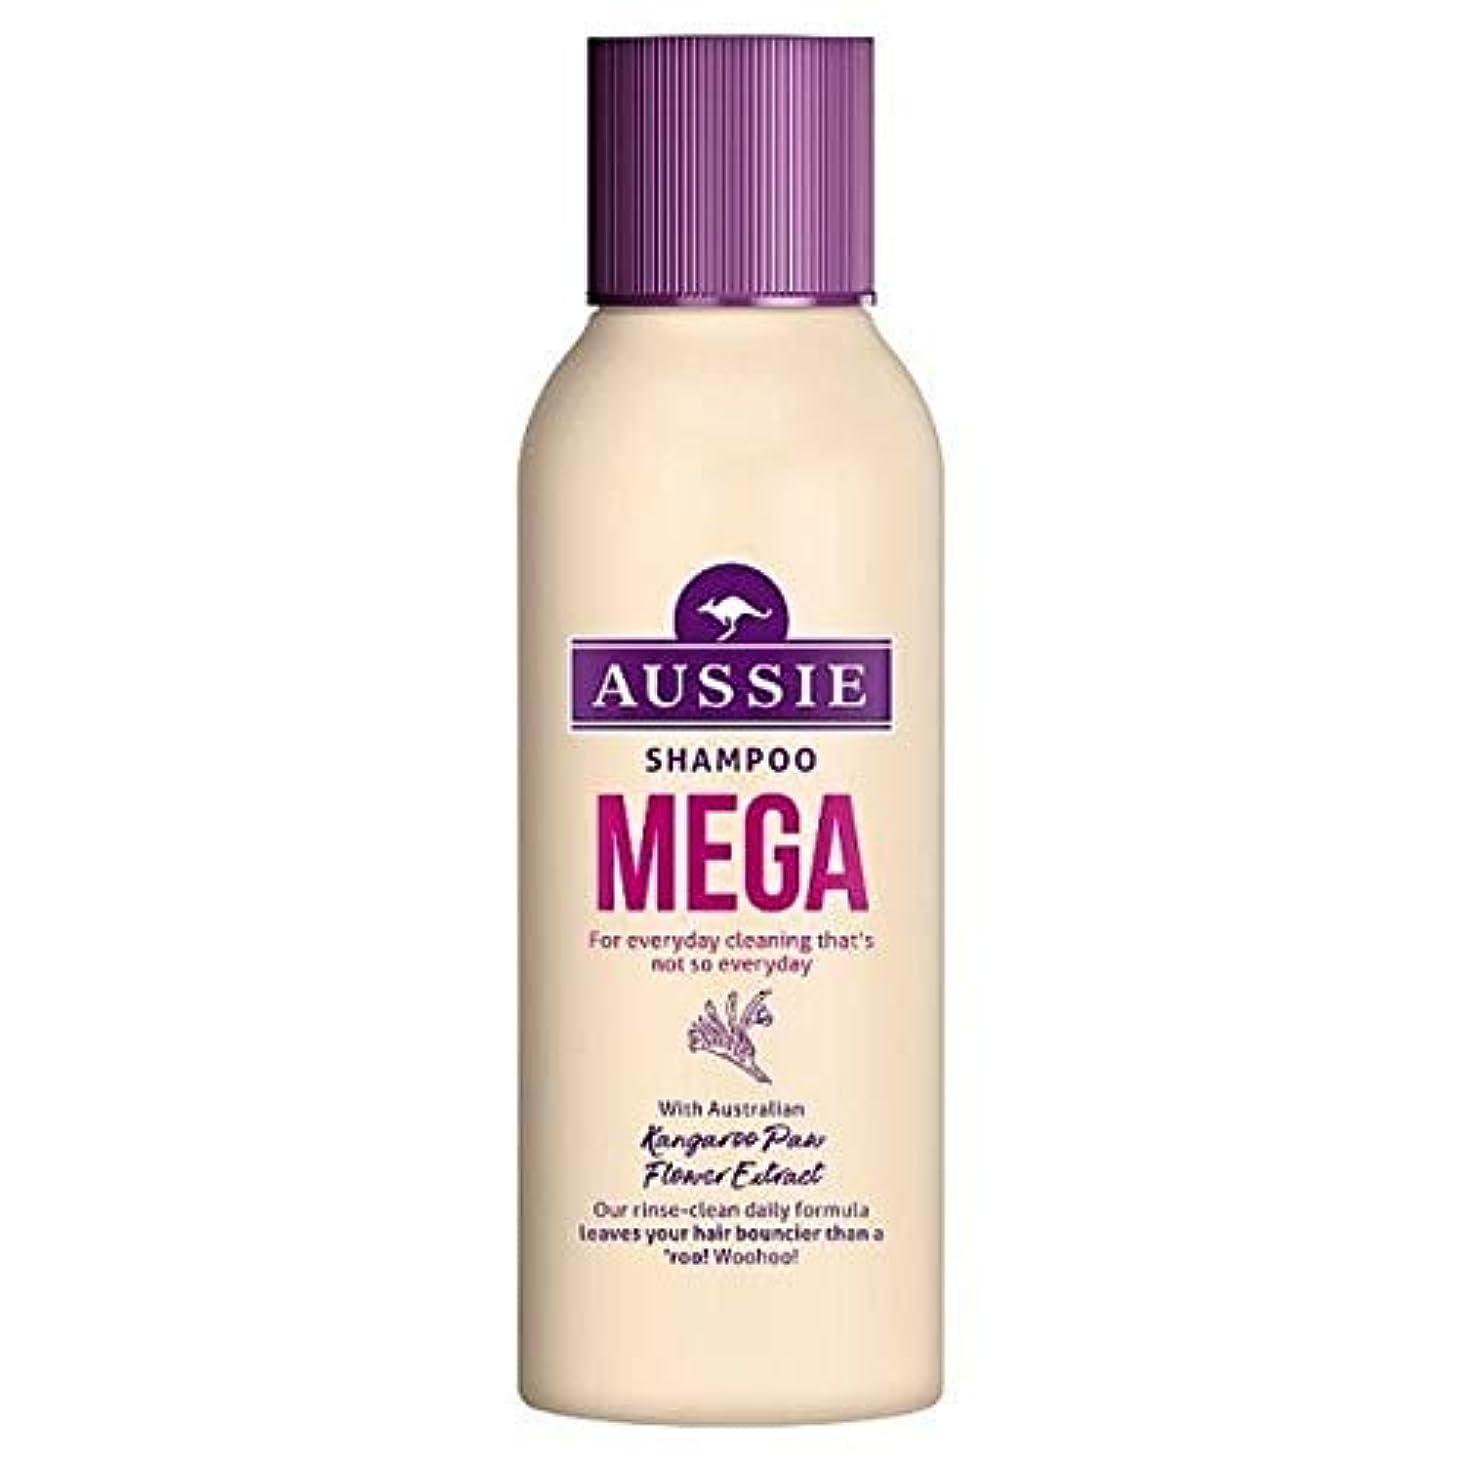 置くためにパック出来事動揺させる[Aussie ] オージーメガシャンプー90ミリリットル - Aussie Mega Shampoo 90ml [並行輸入品]